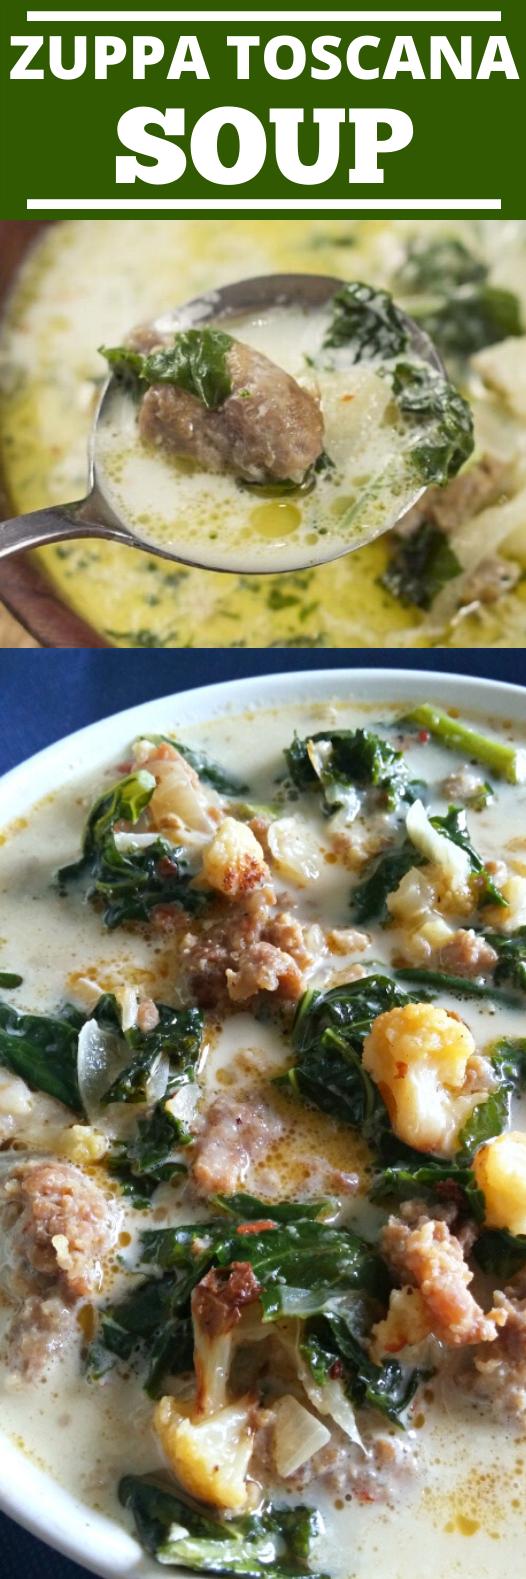 Keto Zuppa Toscana Soup #healthy #soup #keto #diet #dinner